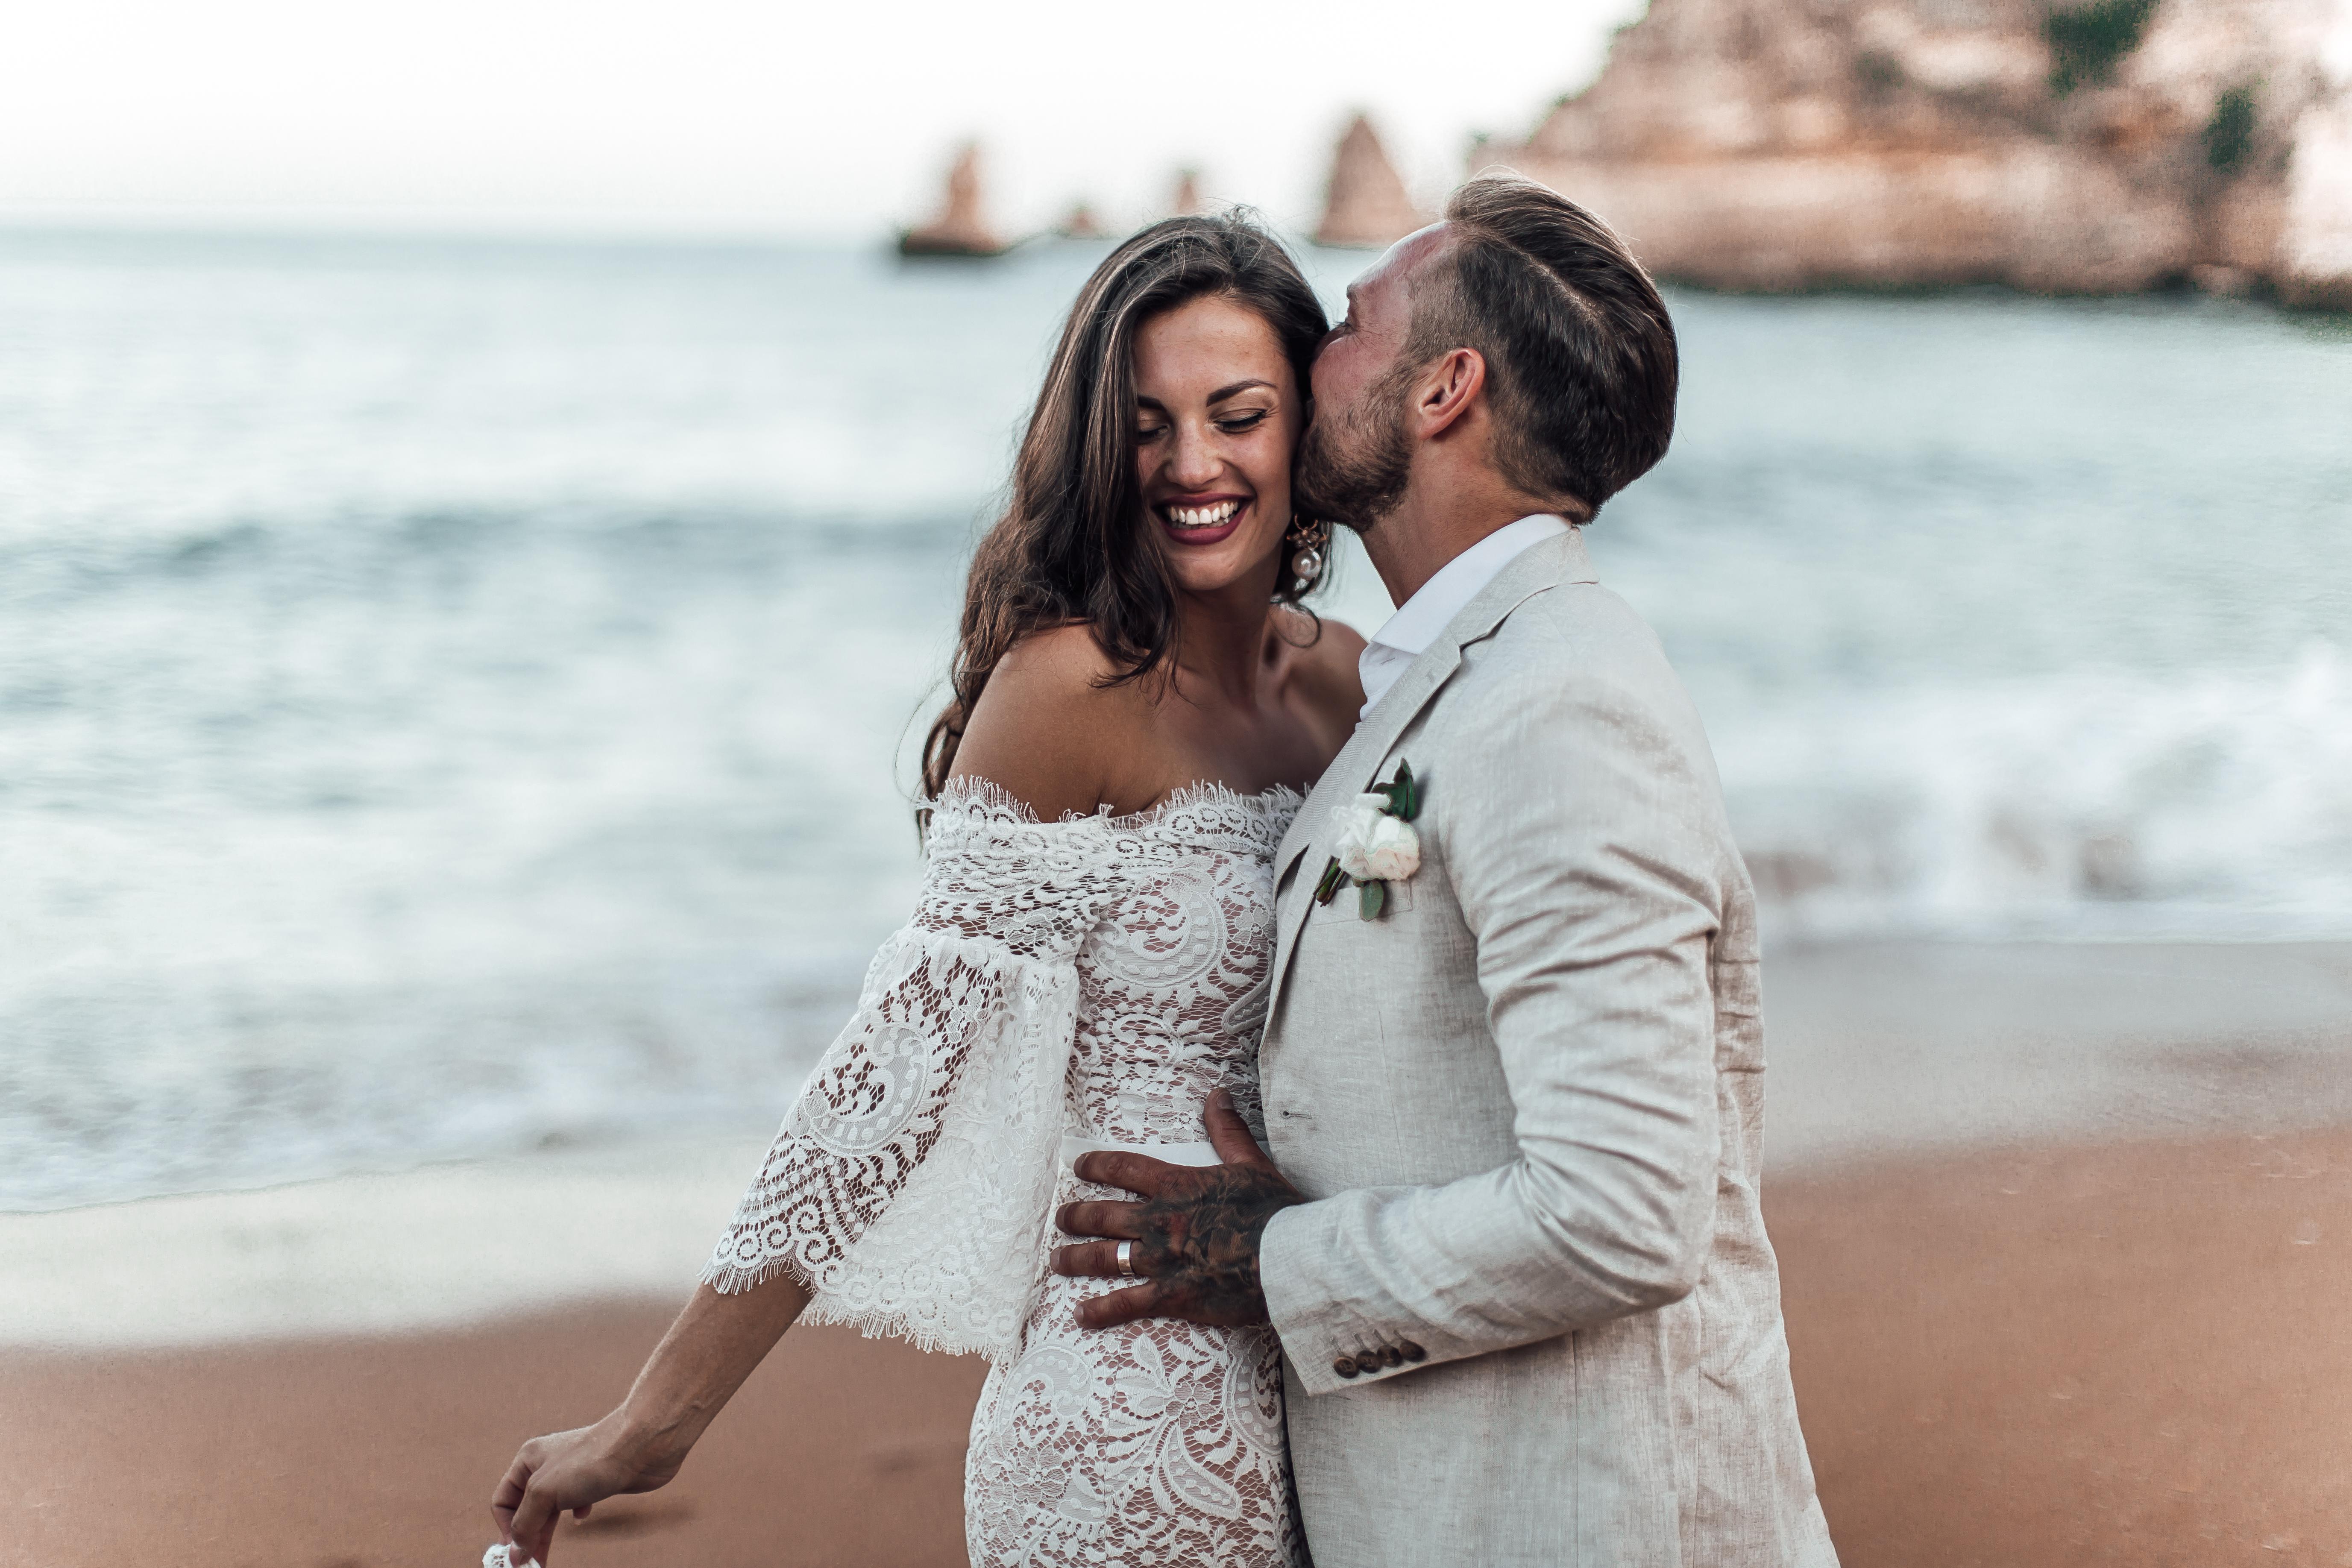 portugal-hochzeit-portugal-wedding-portugal-wedding-destination-portugal-weddingplanner-ibiza-weddingplanner-mallorca-weddingplanner-mallorcaphotographer-ibiza-photogapher-00074